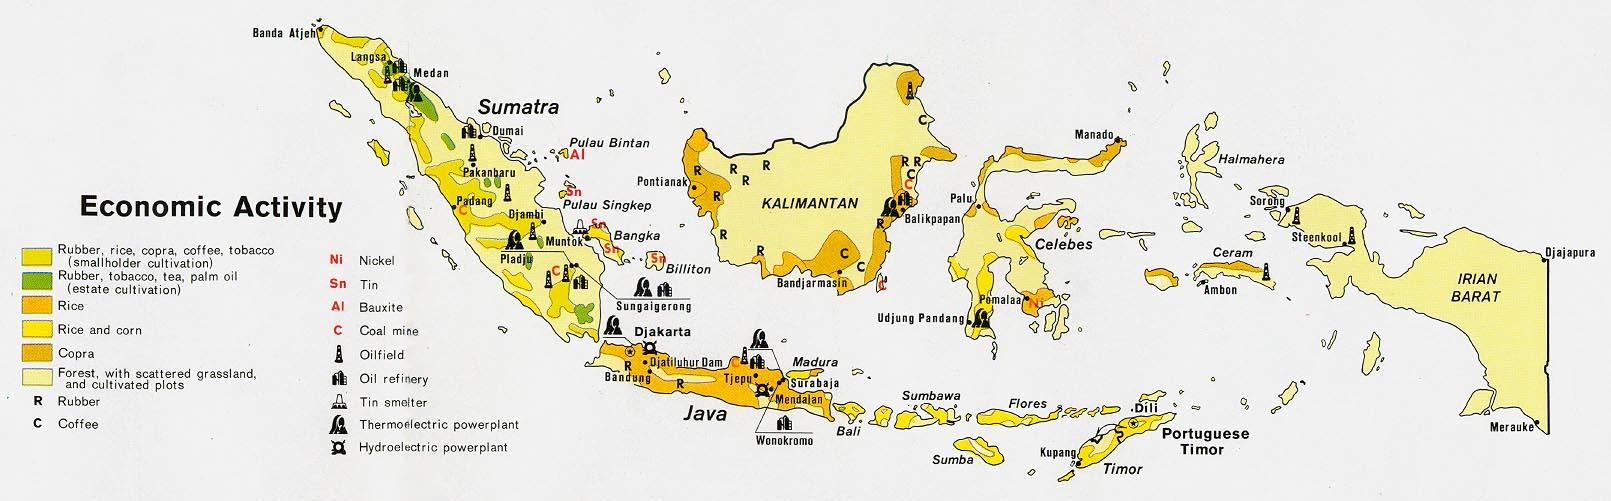 Mapa de la Actividad Económica de Indonesia